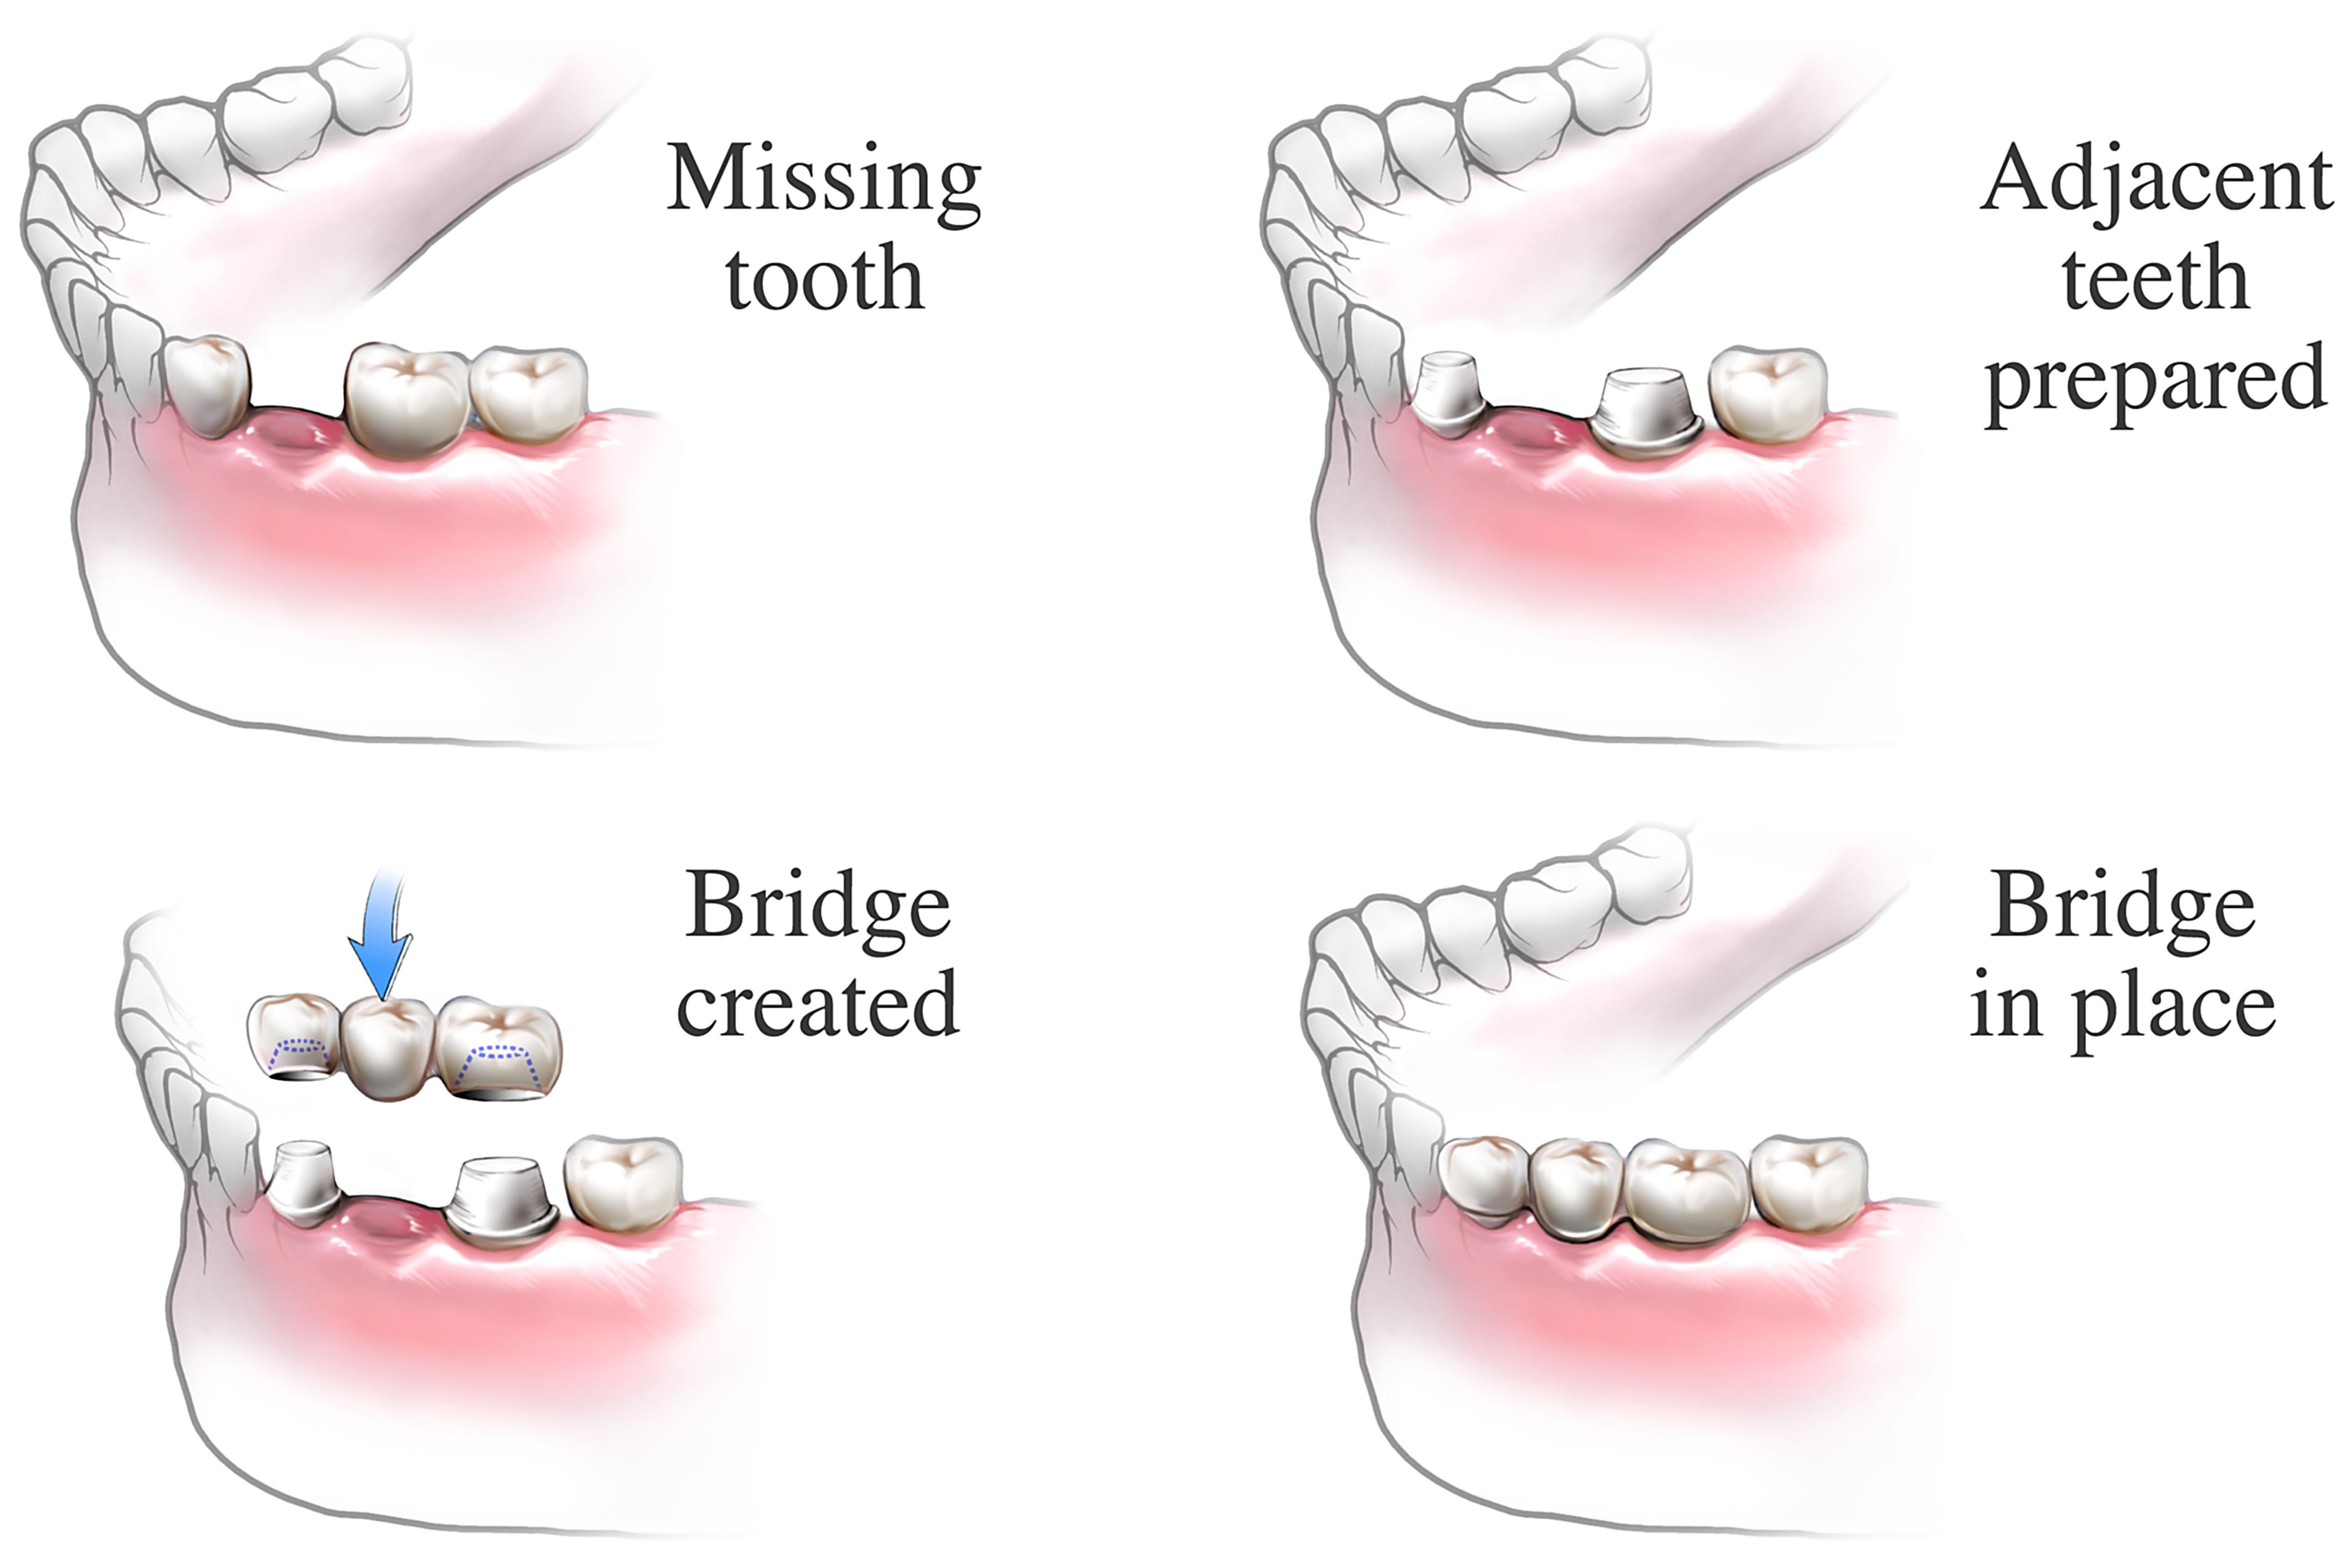 Dental bridge procedure | healthdirect